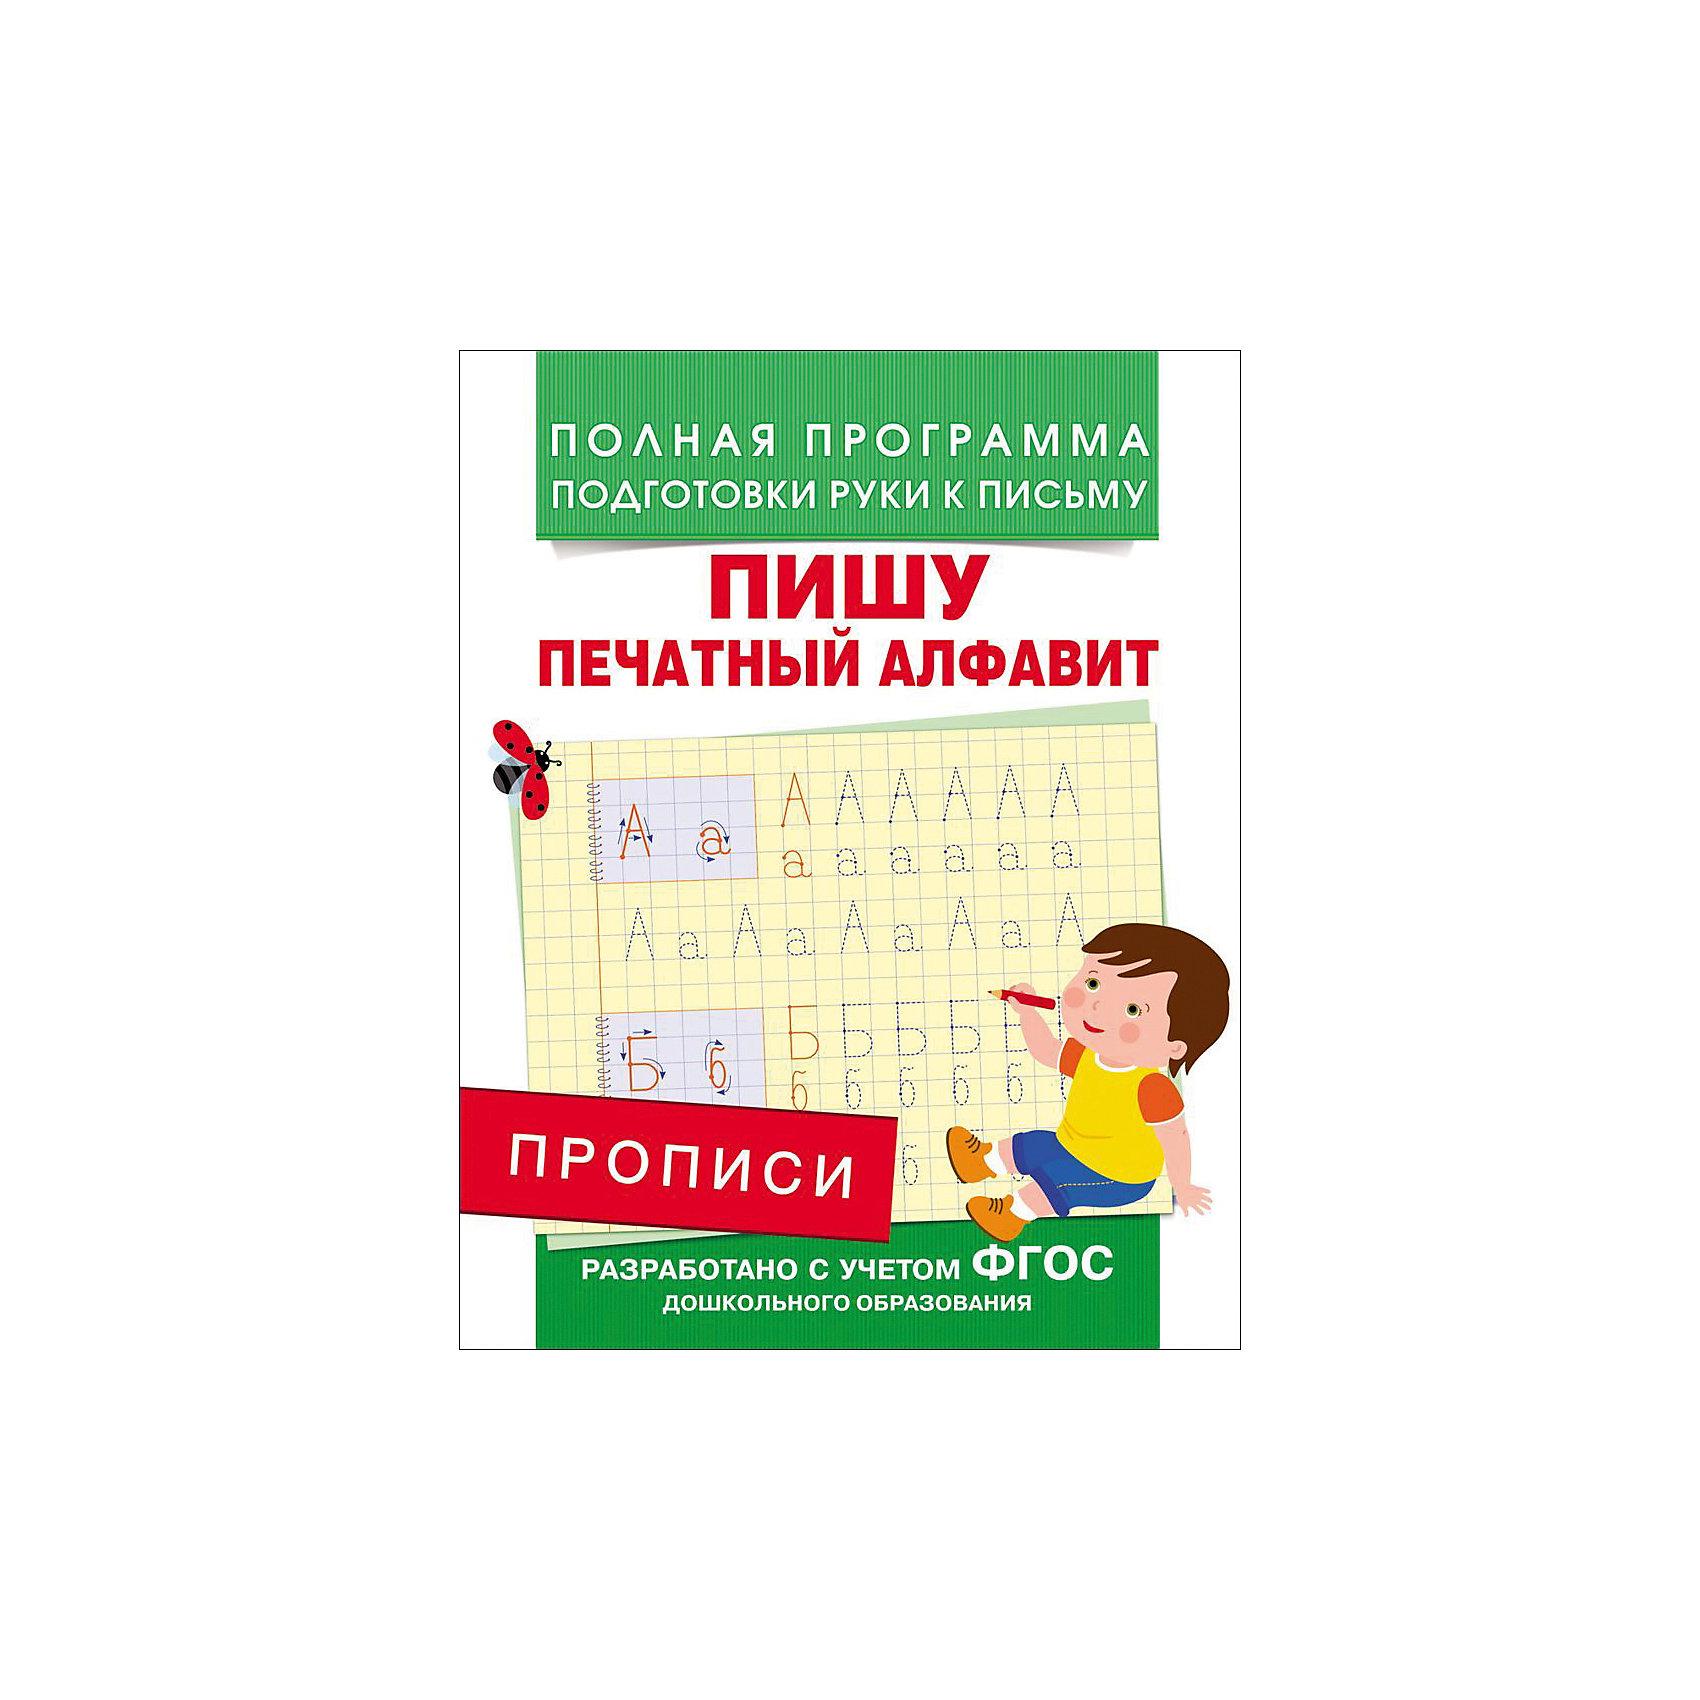 Прописи. Пишу печатный алфавитХарактеристики товара:<br><br>- цвет: разноцветный;<br>- материал: бумага;<br>- страниц: 16;<br>- формат: 16 х 20 см;<br>- обложка: мягкая;<br>- развивающее издание.<br><br>Это интересное развивающее издание станет отличным подарком для родителей и ребенка. Оно содержит в себе задания в игровой форме, с помощью которых учиться писать гораздо проще. Всё представлено в очень простой форме! Это издание поможет привить любовь к учебе!<br>Такое обучение помогает ребенку развивать зрительную память, концентрацию внимания и воображение. Издание произведено из качественных материалов, которые безопасны даже для самых маленьких.<br><br>Издание Прописи. Пишу печатный алфавит от компании Росмэн можно купить в нашем интернет-магазине.<br><br>Ширина мм: 204<br>Глубина мм: 163<br>Высота мм: 1<br>Вес г: 30<br>Возраст от месяцев: 60<br>Возраст до месяцев: 84<br>Пол: Унисекс<br>Возраст: Детский<br>SKU: 5110025